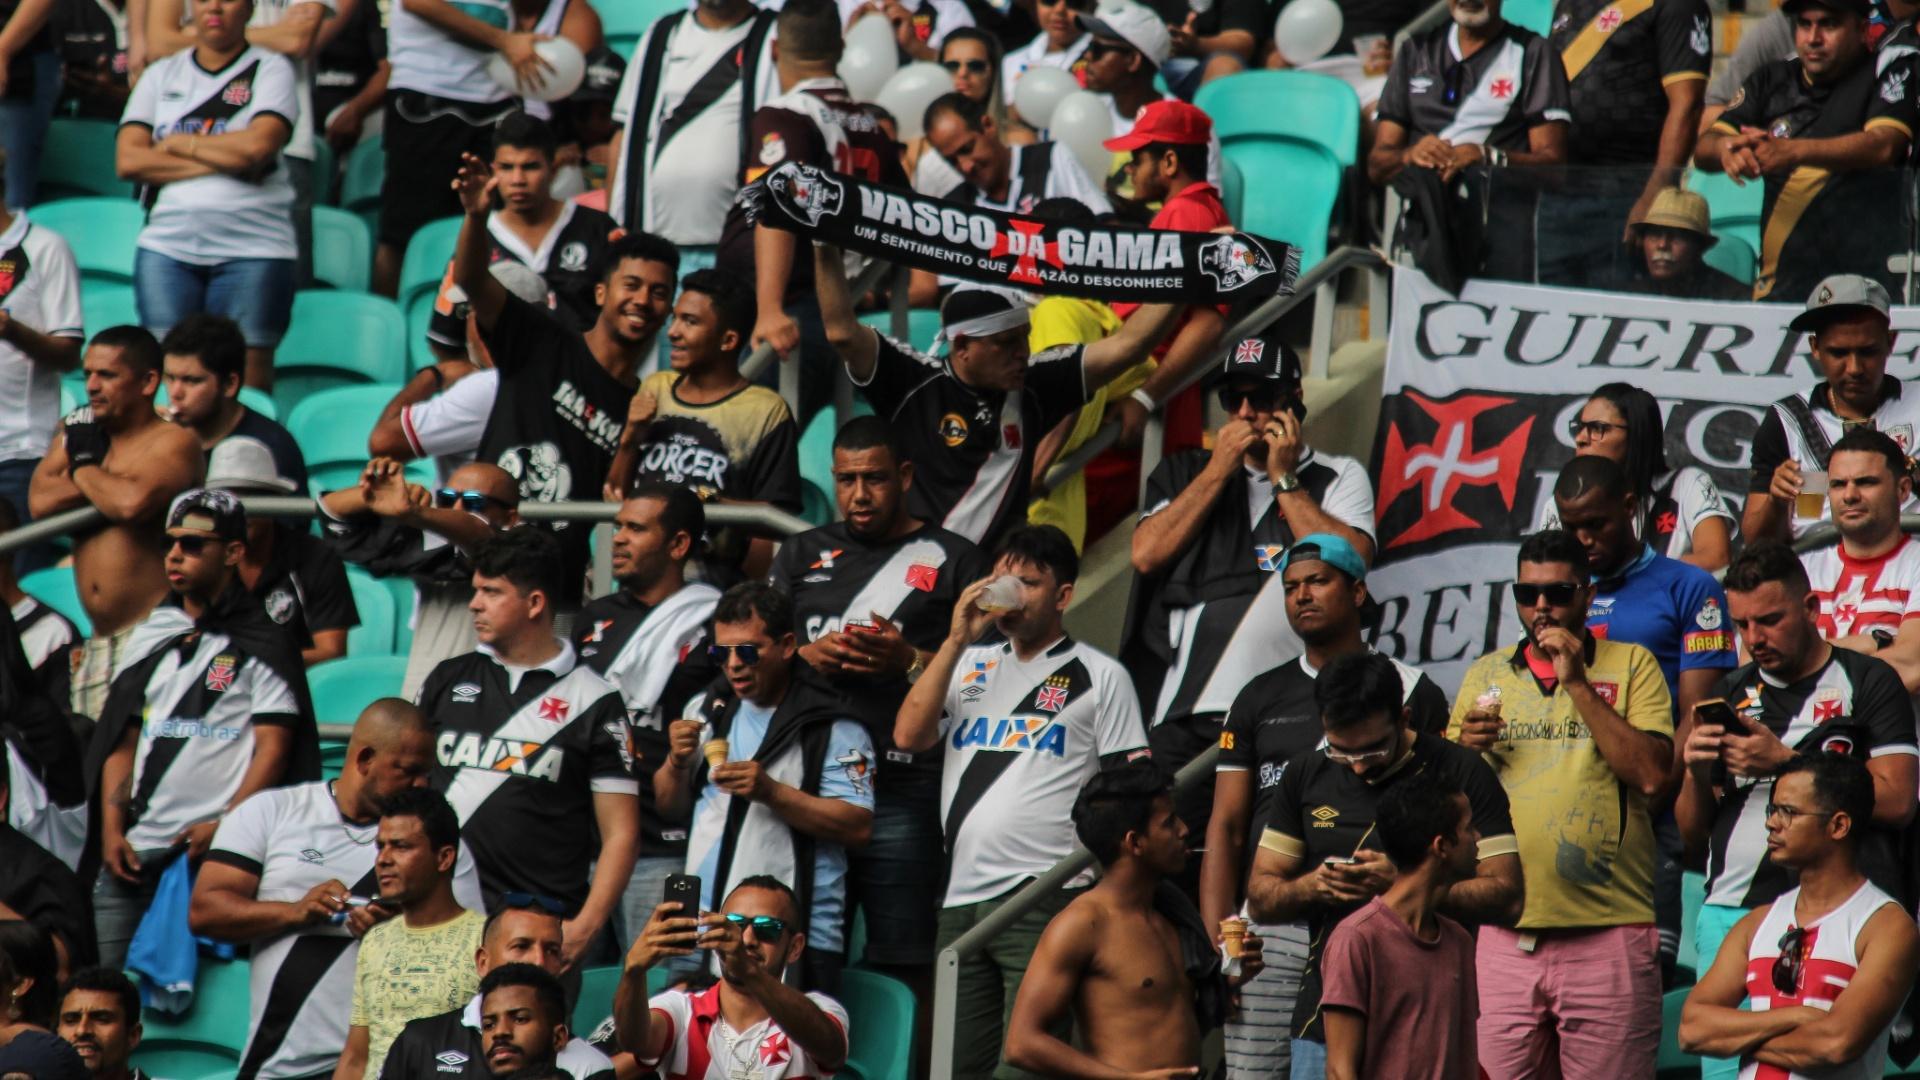 Torcida do Vasco na Arena Fonte Nova durante jogo contra o Bahia